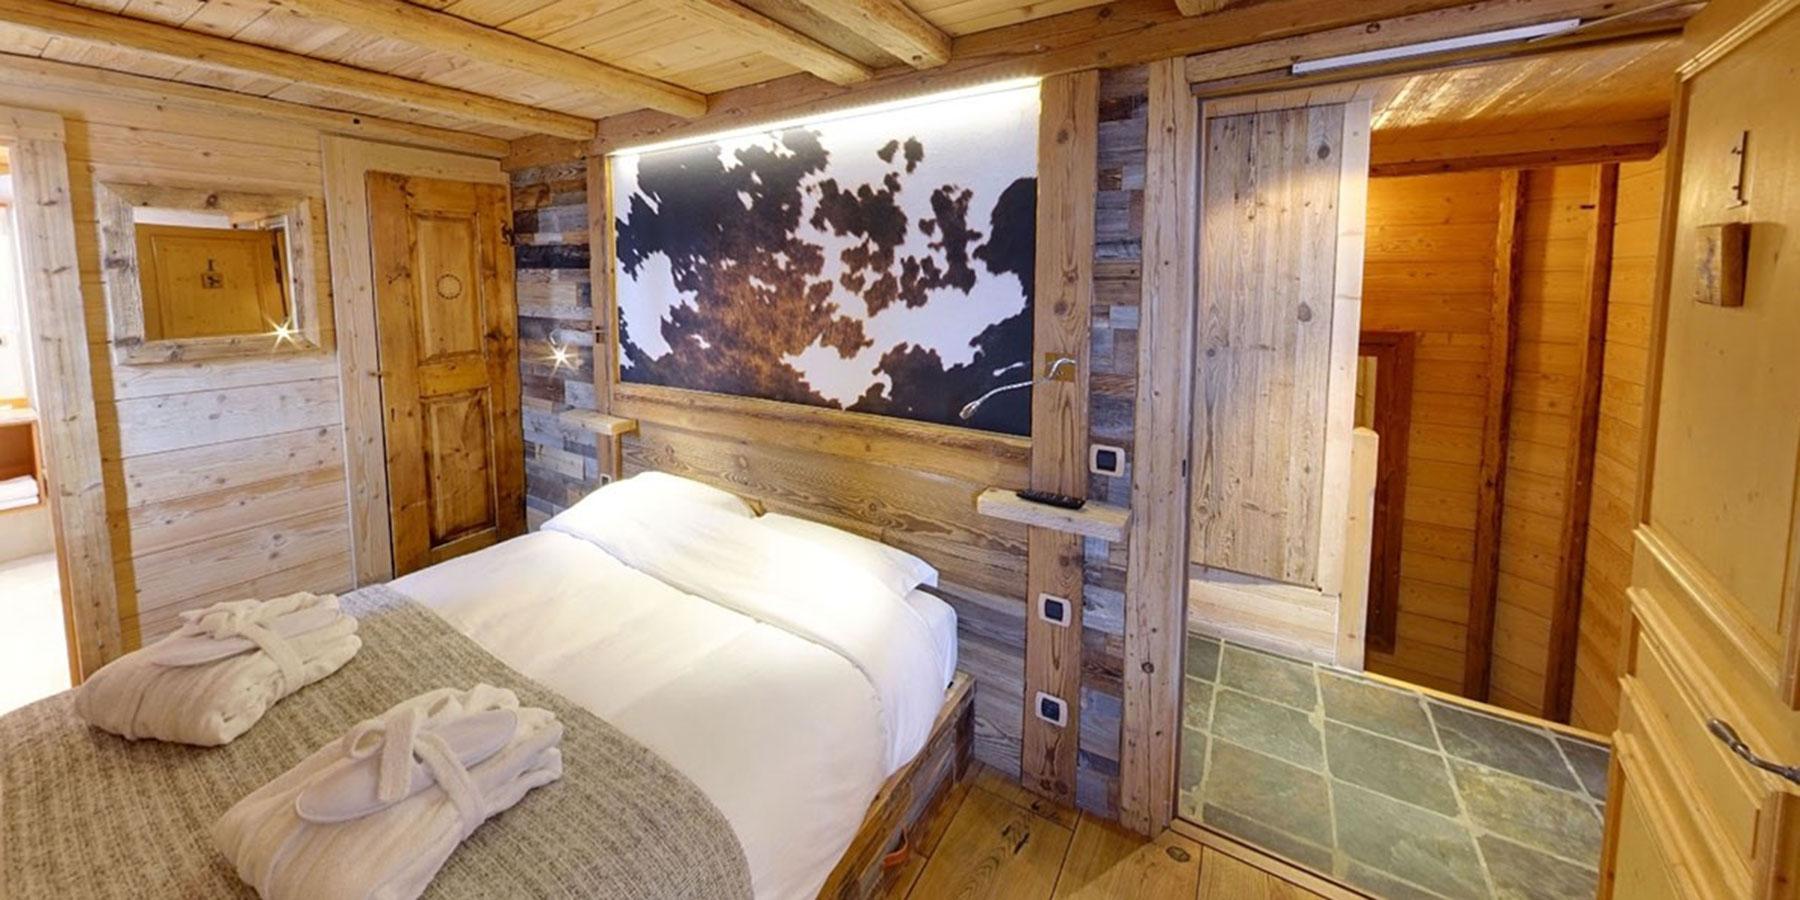 6 chambres tout confort avec salles de bain